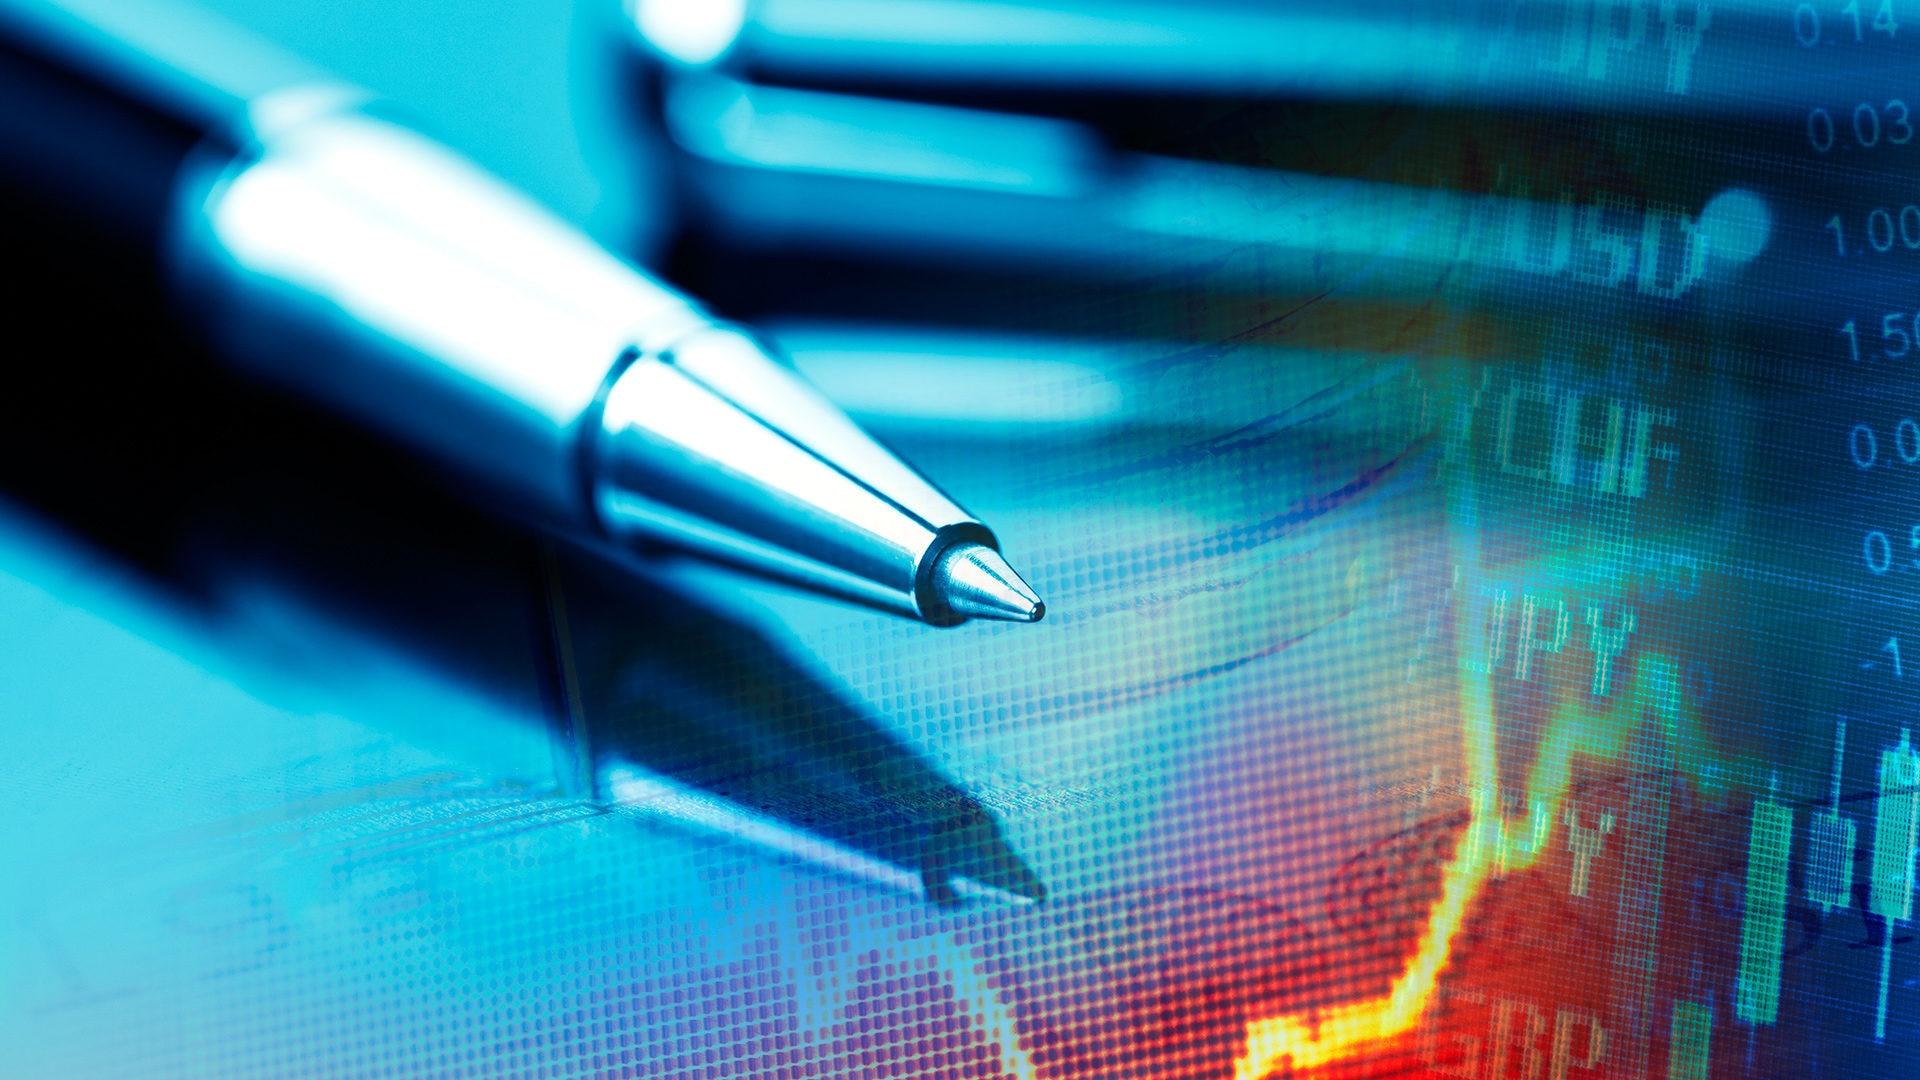 recurso finanzas bolsa